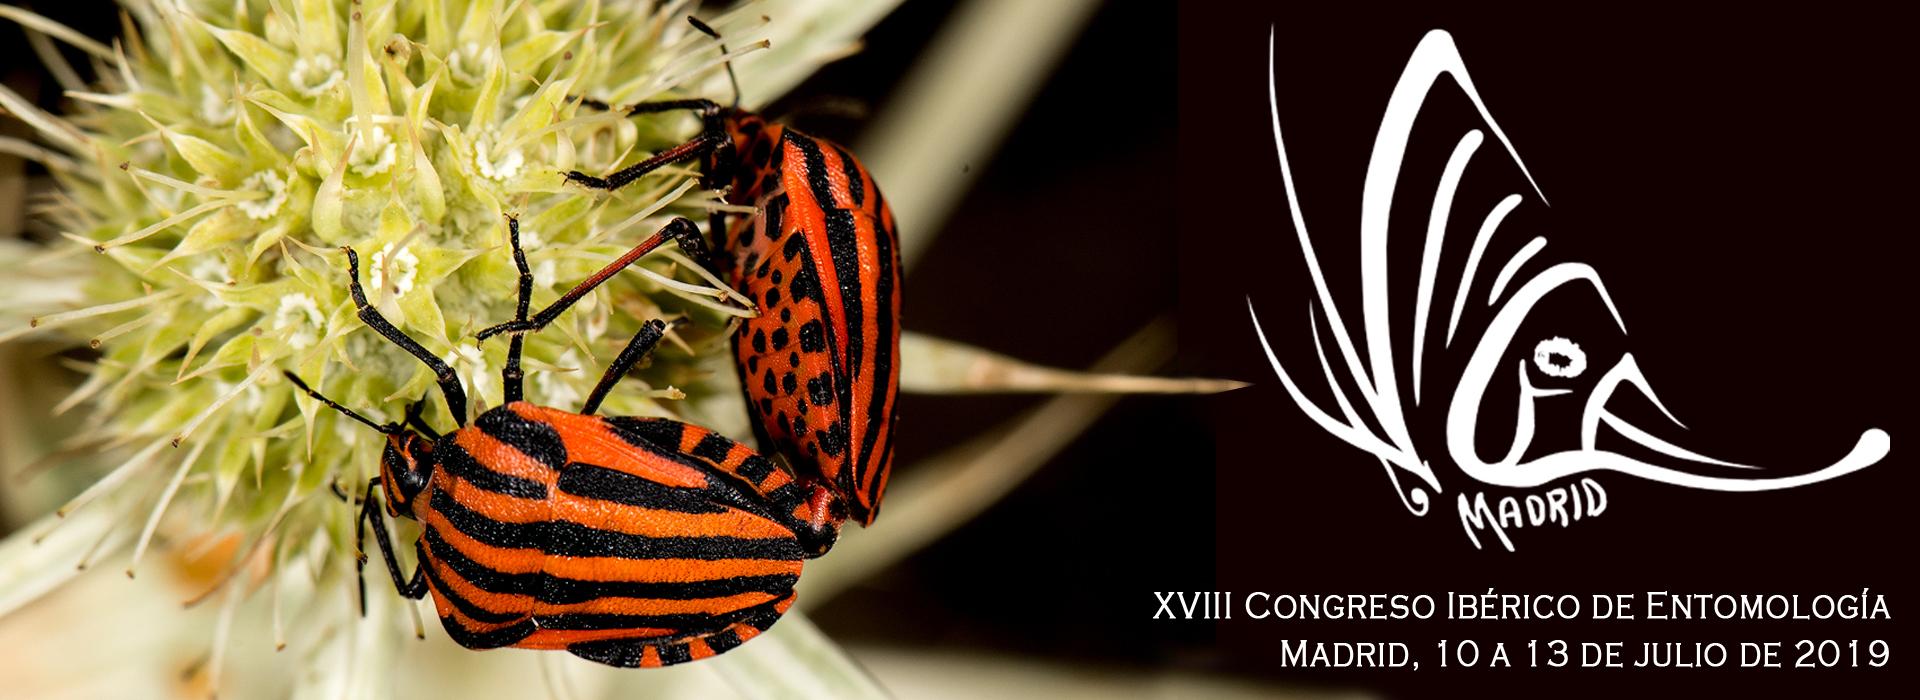 XVIII Congreso Ibérico de Entomología